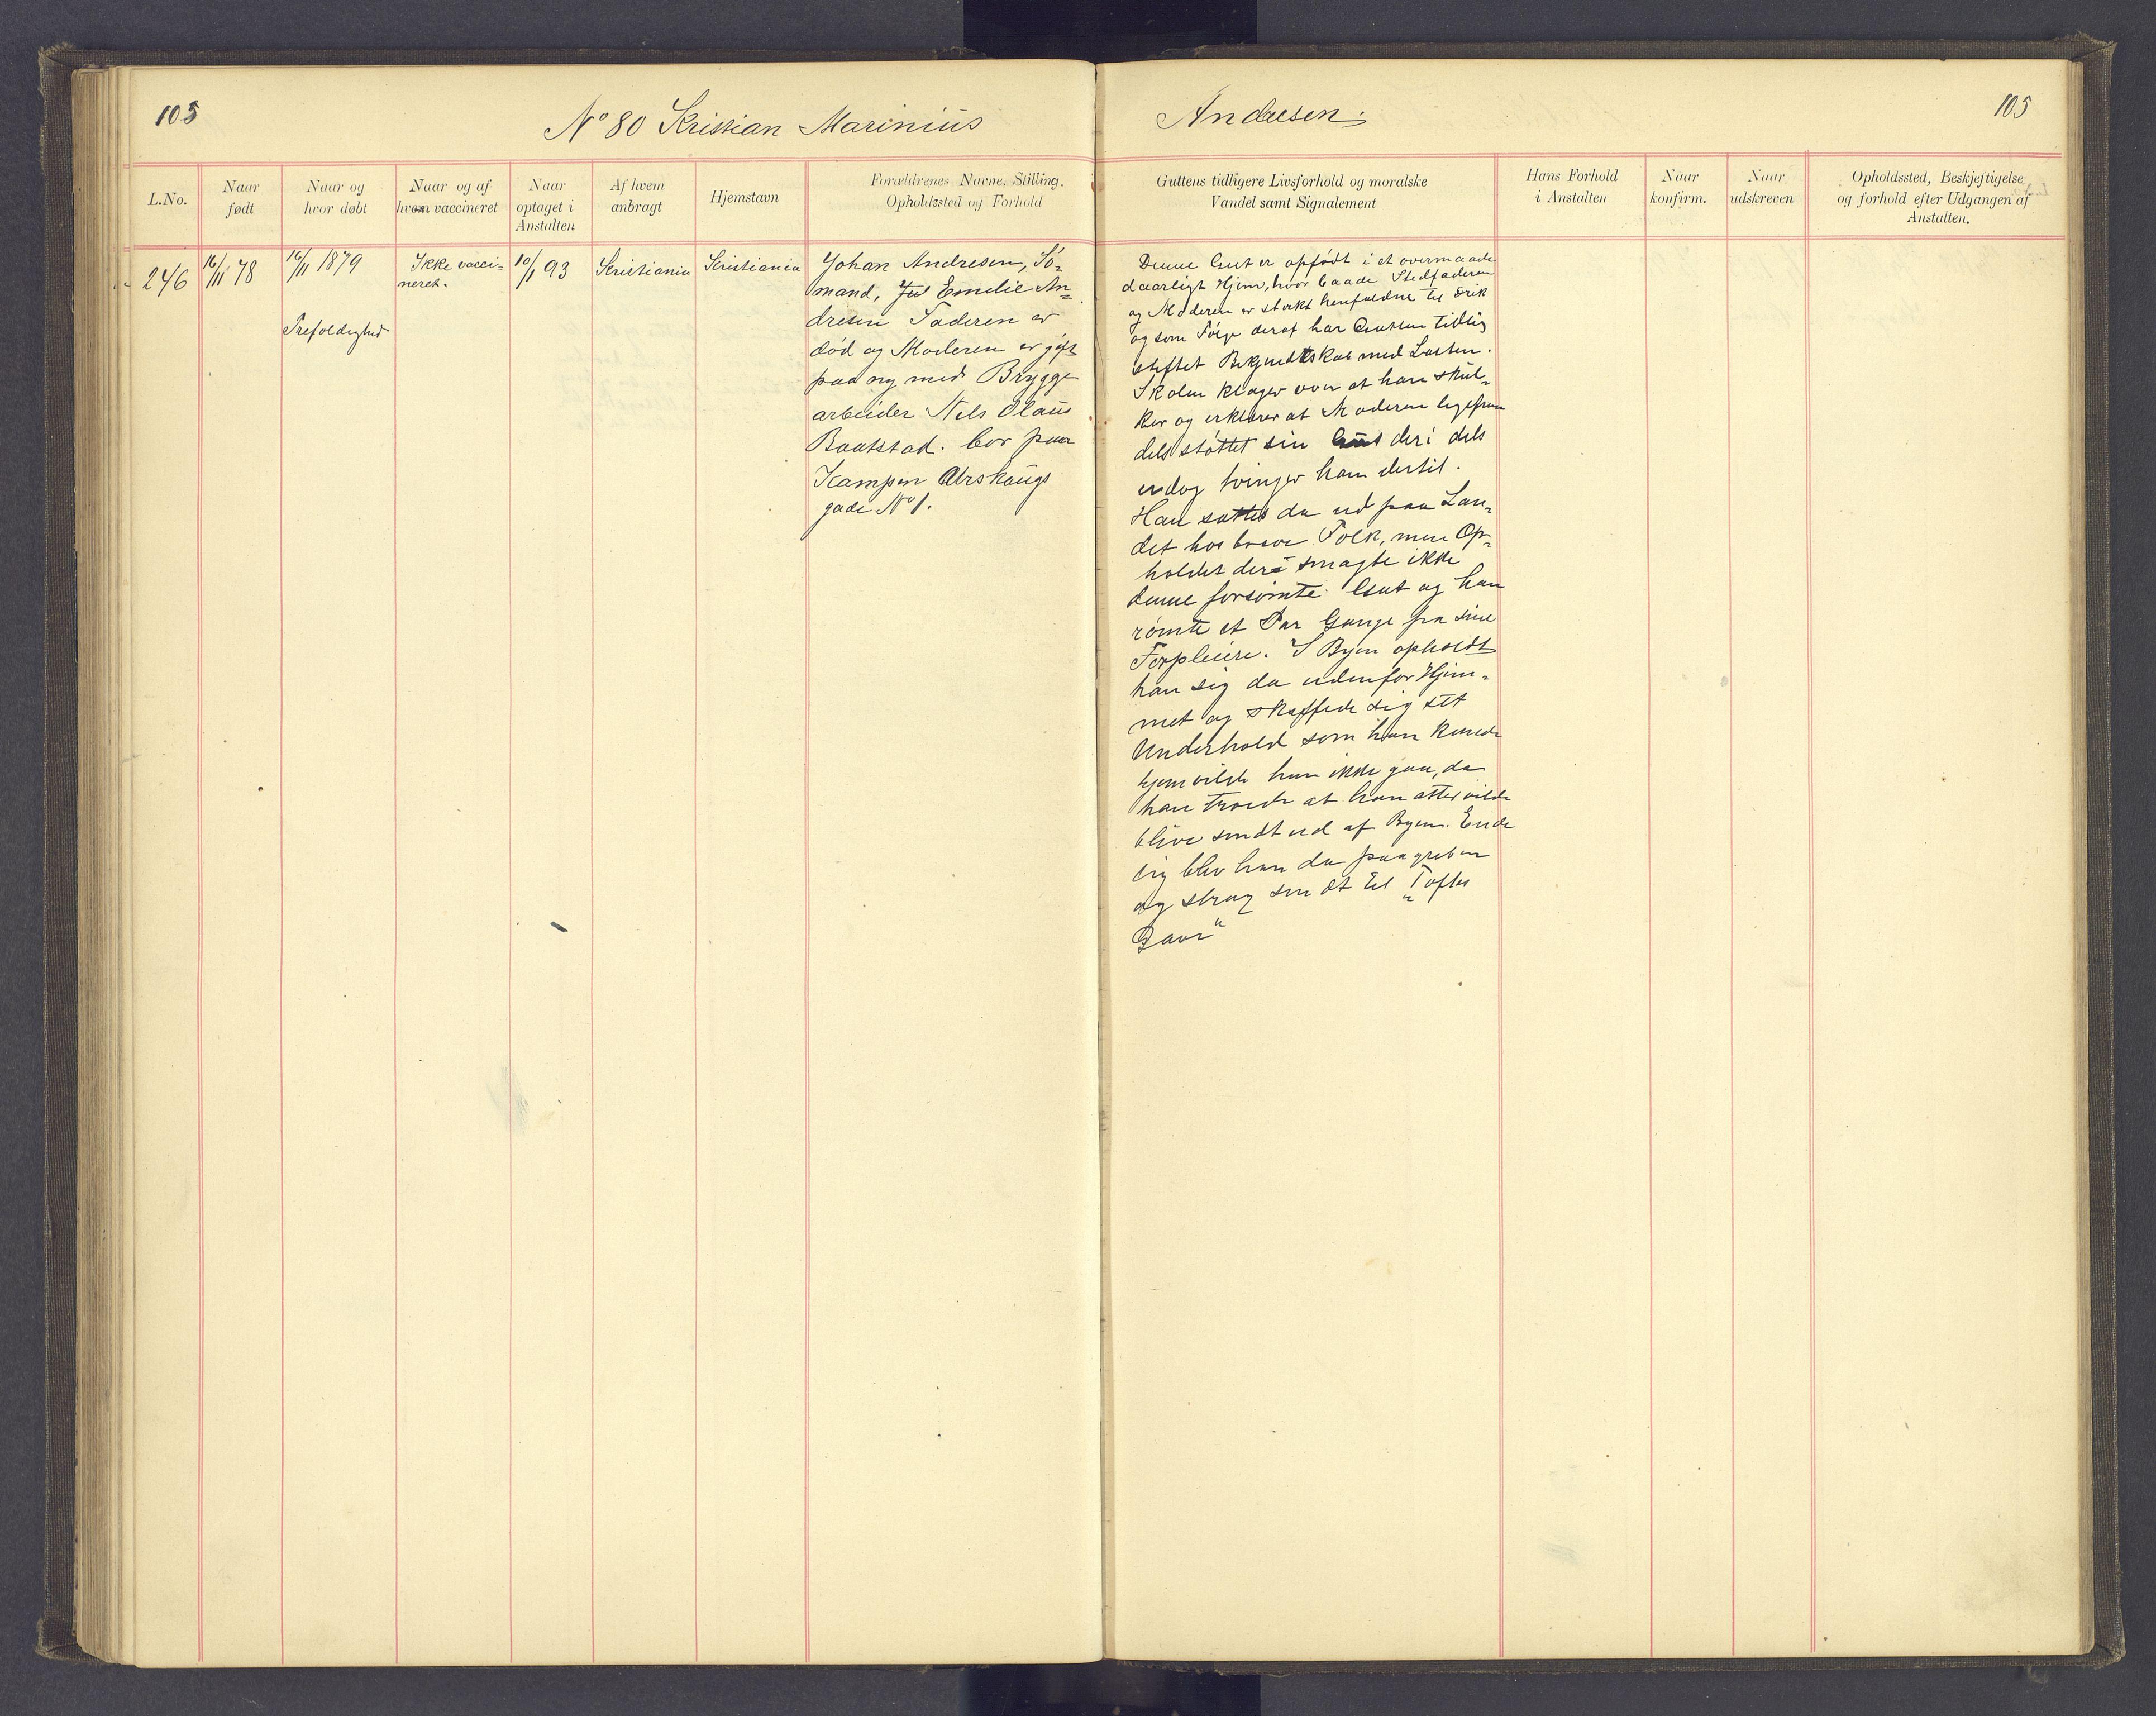 SAH, Toftes Gave, F/Fc/L0004: Elevprotokoll, 1885-1897, s. 105